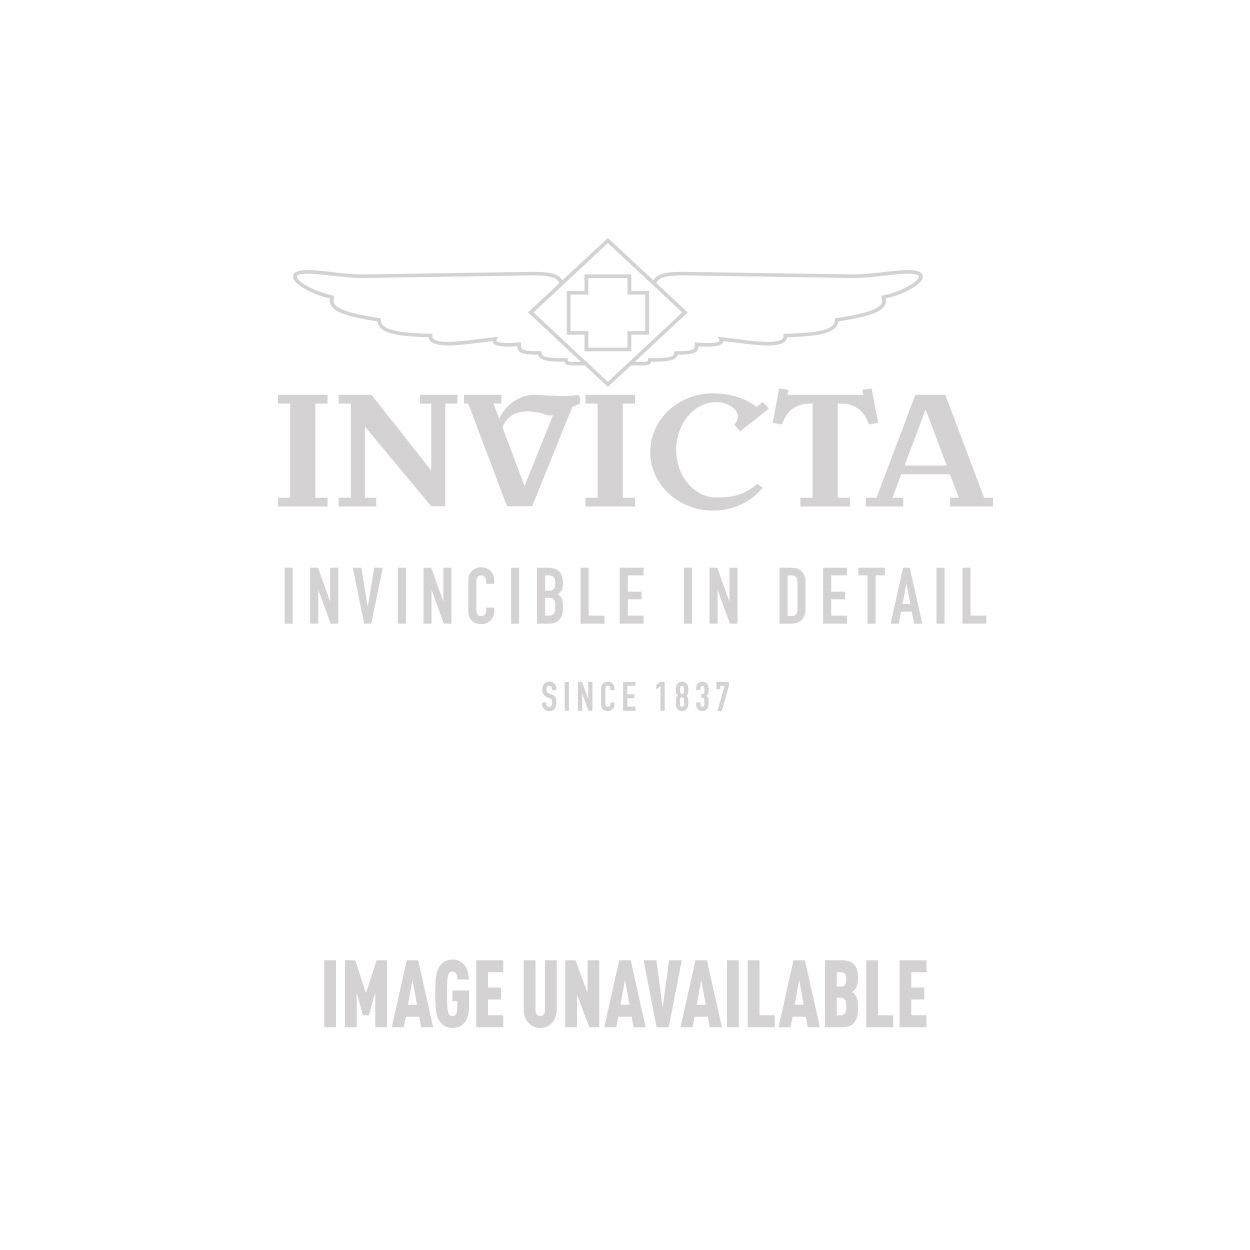 Invicta Model 24809